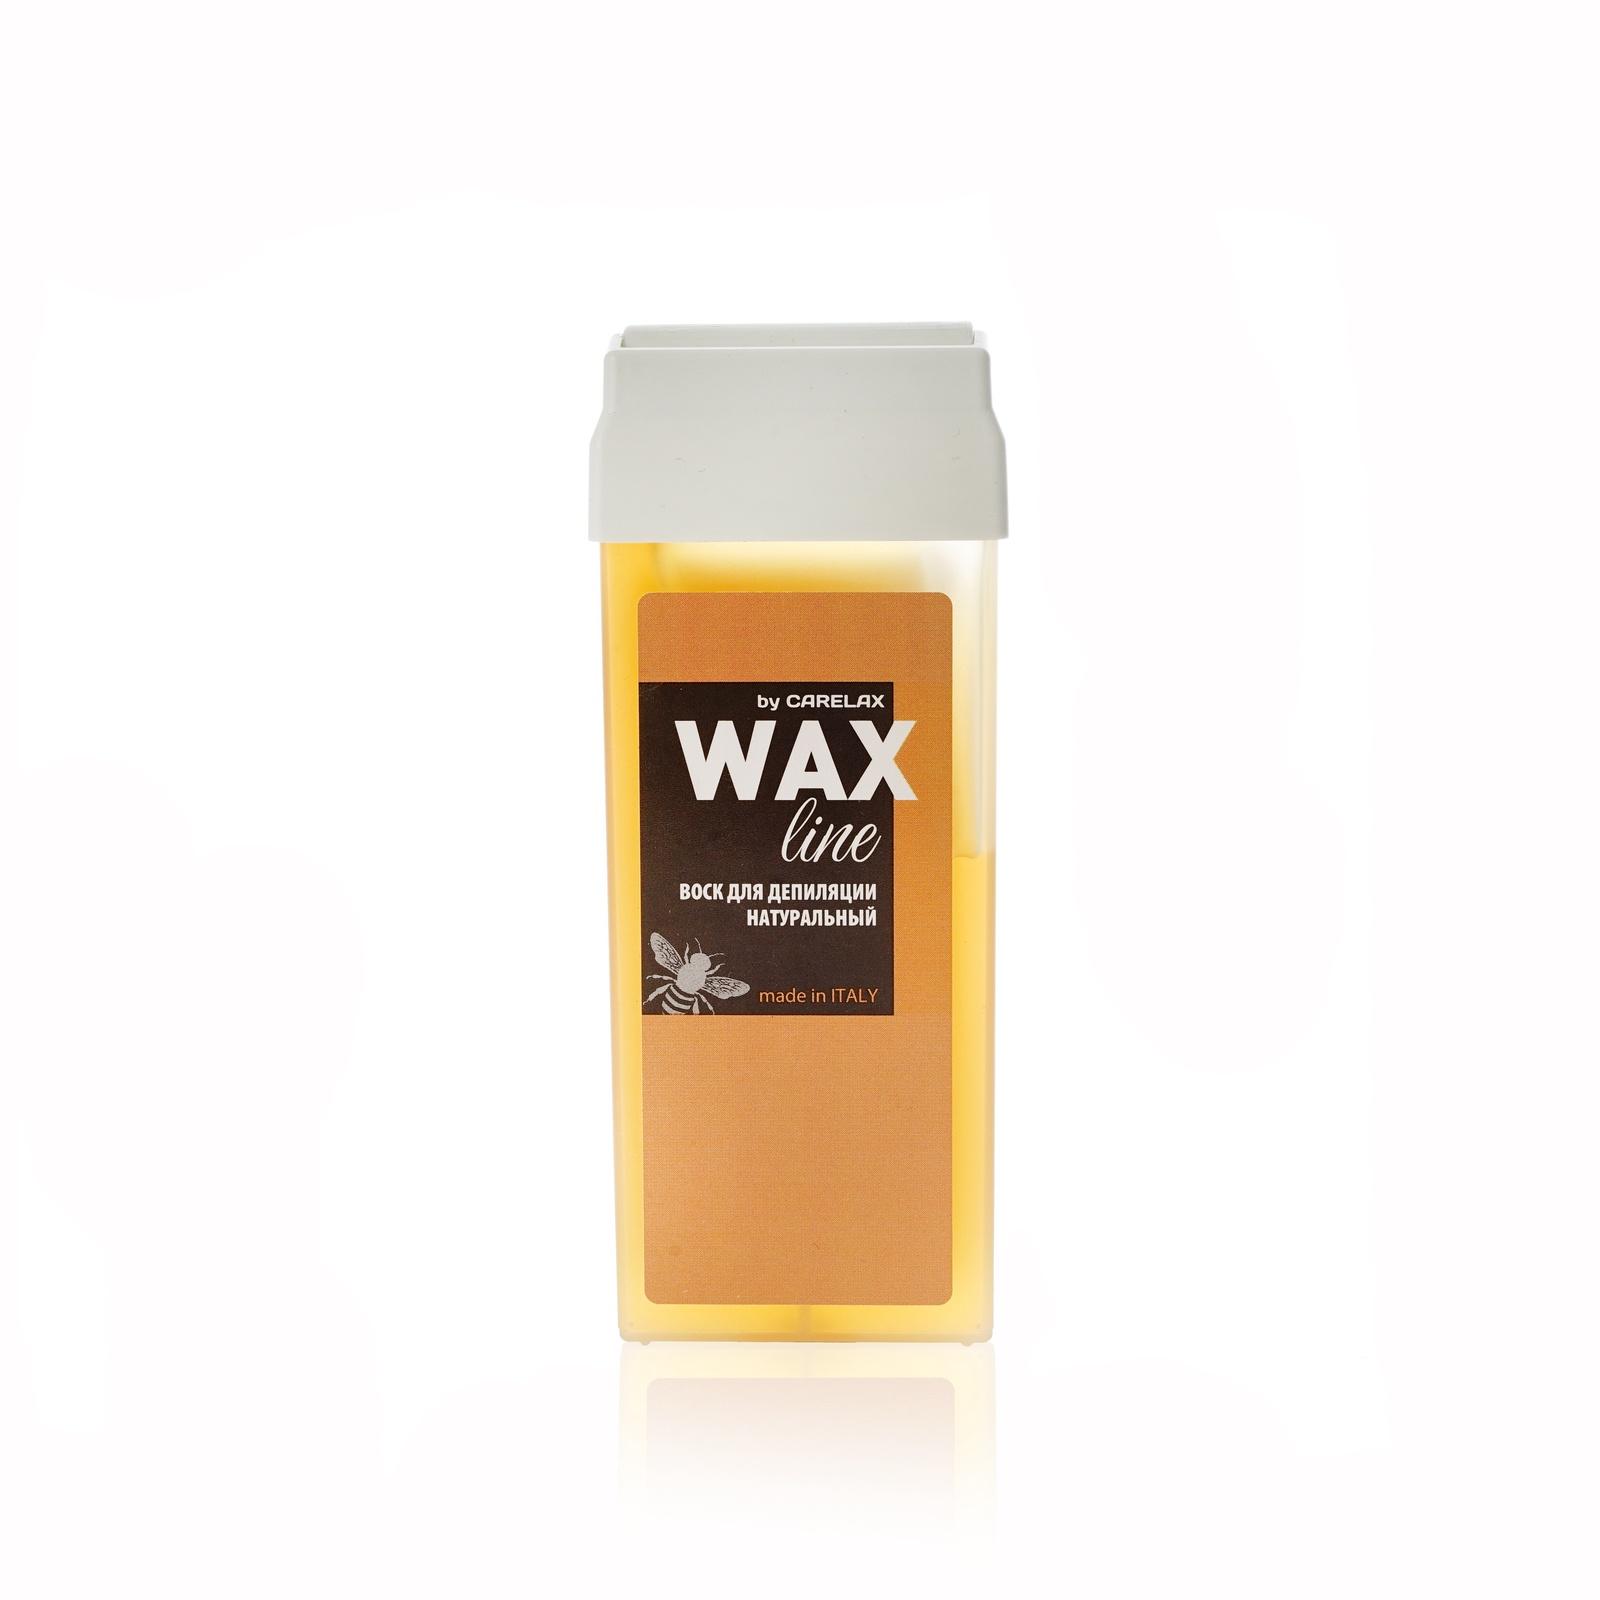 Воск для депиляции Carelax WAX line 4690471030529